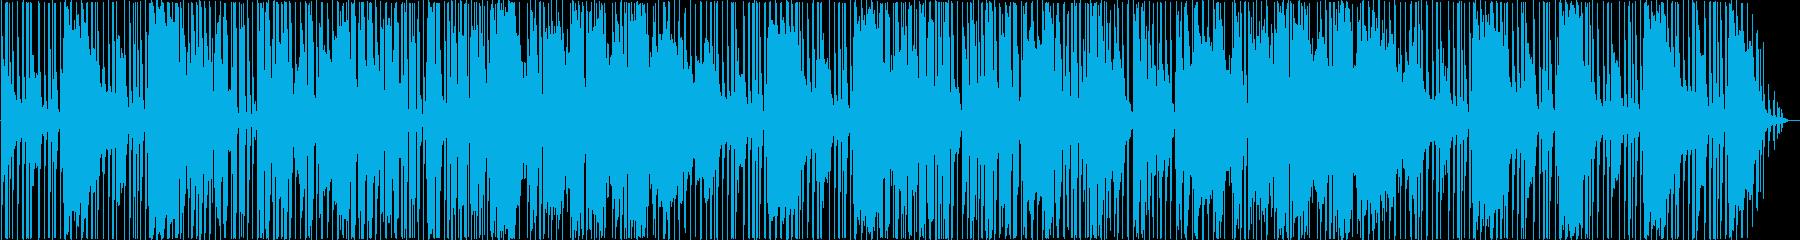 おしゃれなギターシンセサウンドの再生済みの波形